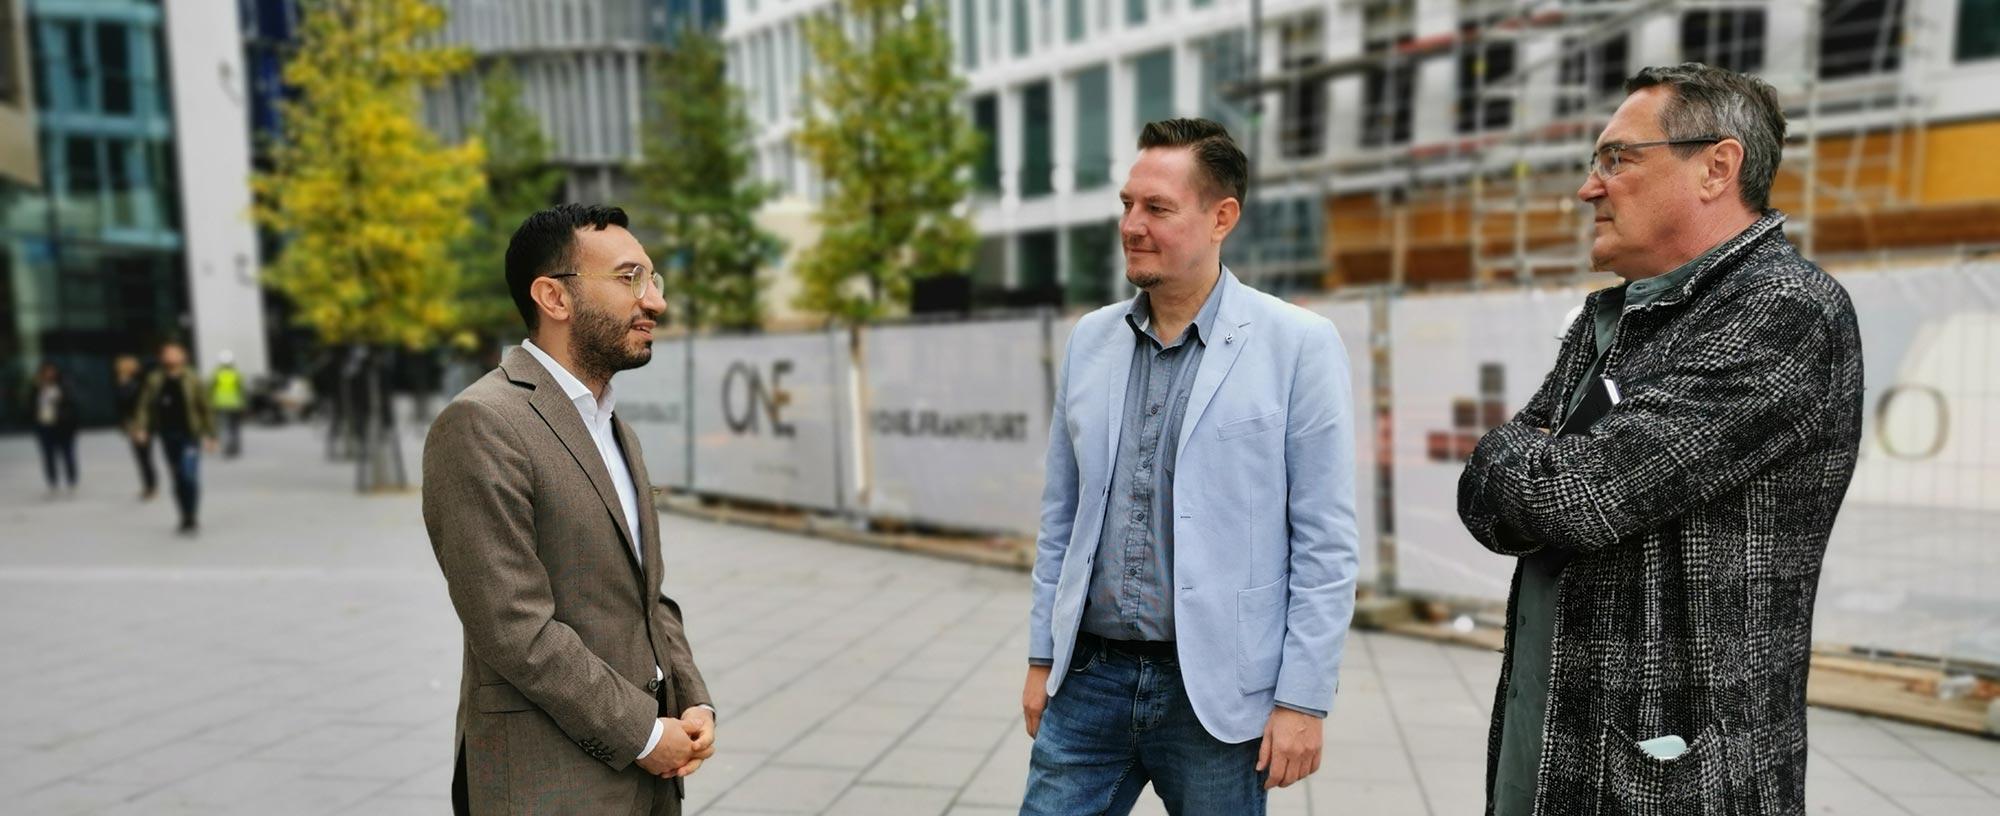 Planungsdezernent Mike Josef von der SPD (links) im Gespräch mit dem SKYLINE ATLAS - Michael Wutzke (Mitte) und Thomas Gessner (rechts)